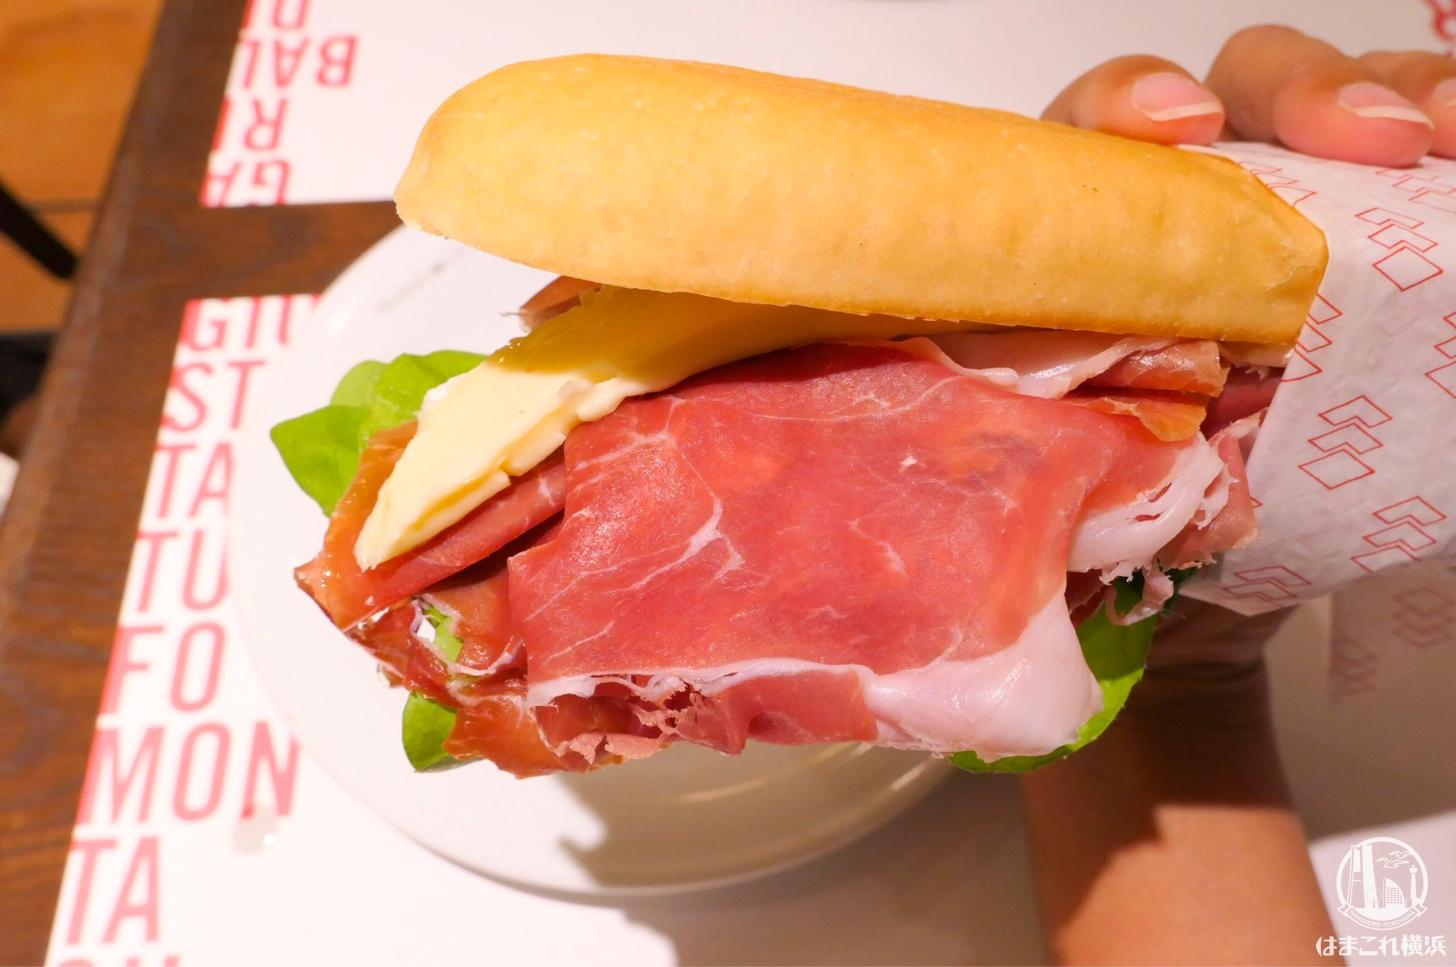 パニーノジュスト 横浜の「パニーノ」生ハム絶品・トリュフ香ってハマる!朝食・ランチに